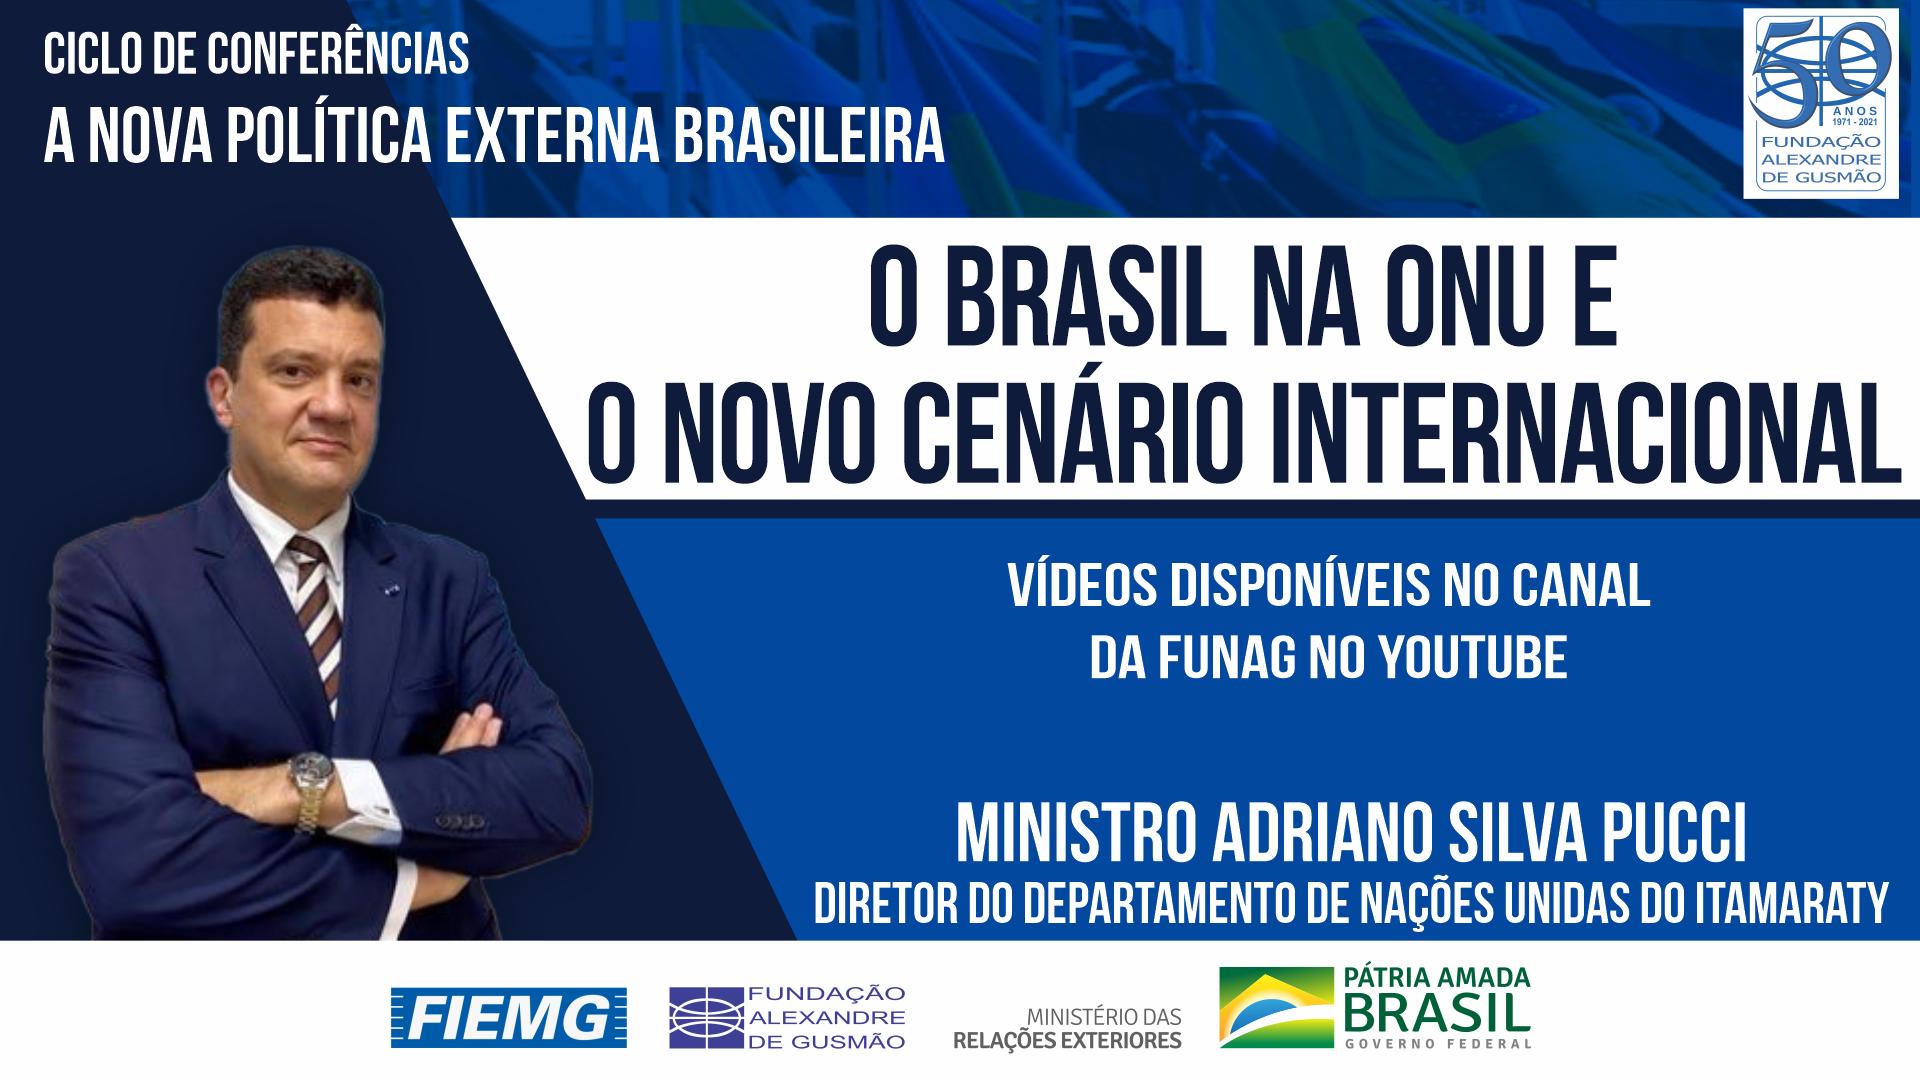 Vea los vídeos de la conferencia del Director del Departamento de Naciones Unidas de Itamaraty, Ministro Adriano Silva Pucci